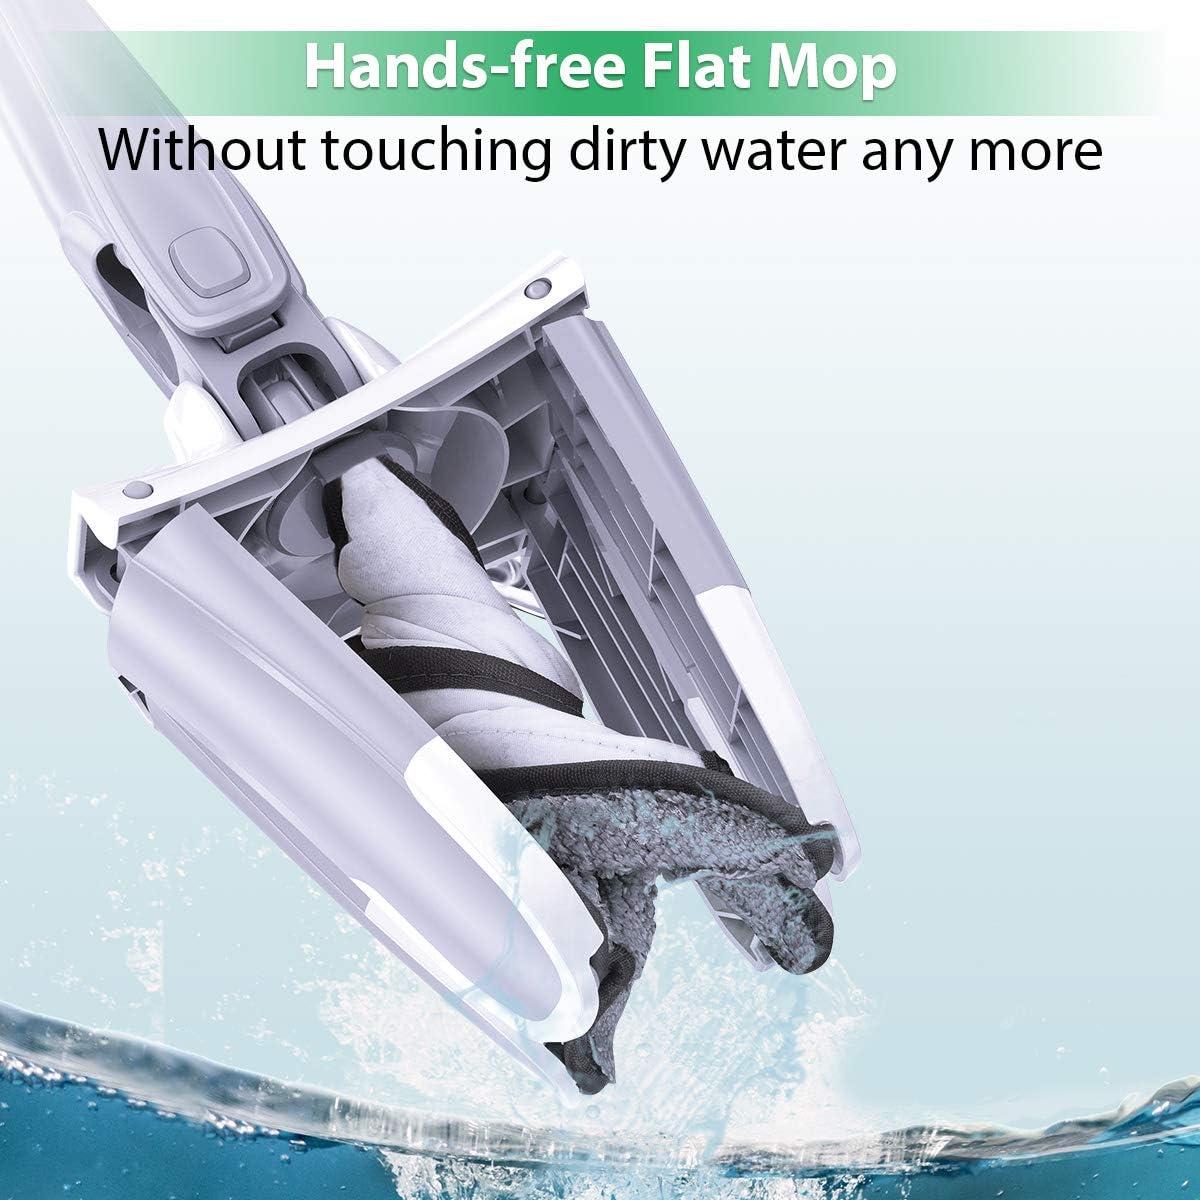 homeasy Balai Laveur Mop X Outil de Nettoyage Pivotant 360/° sans Lavage /à la Main Vadrouille avec Torchon en Microfibre